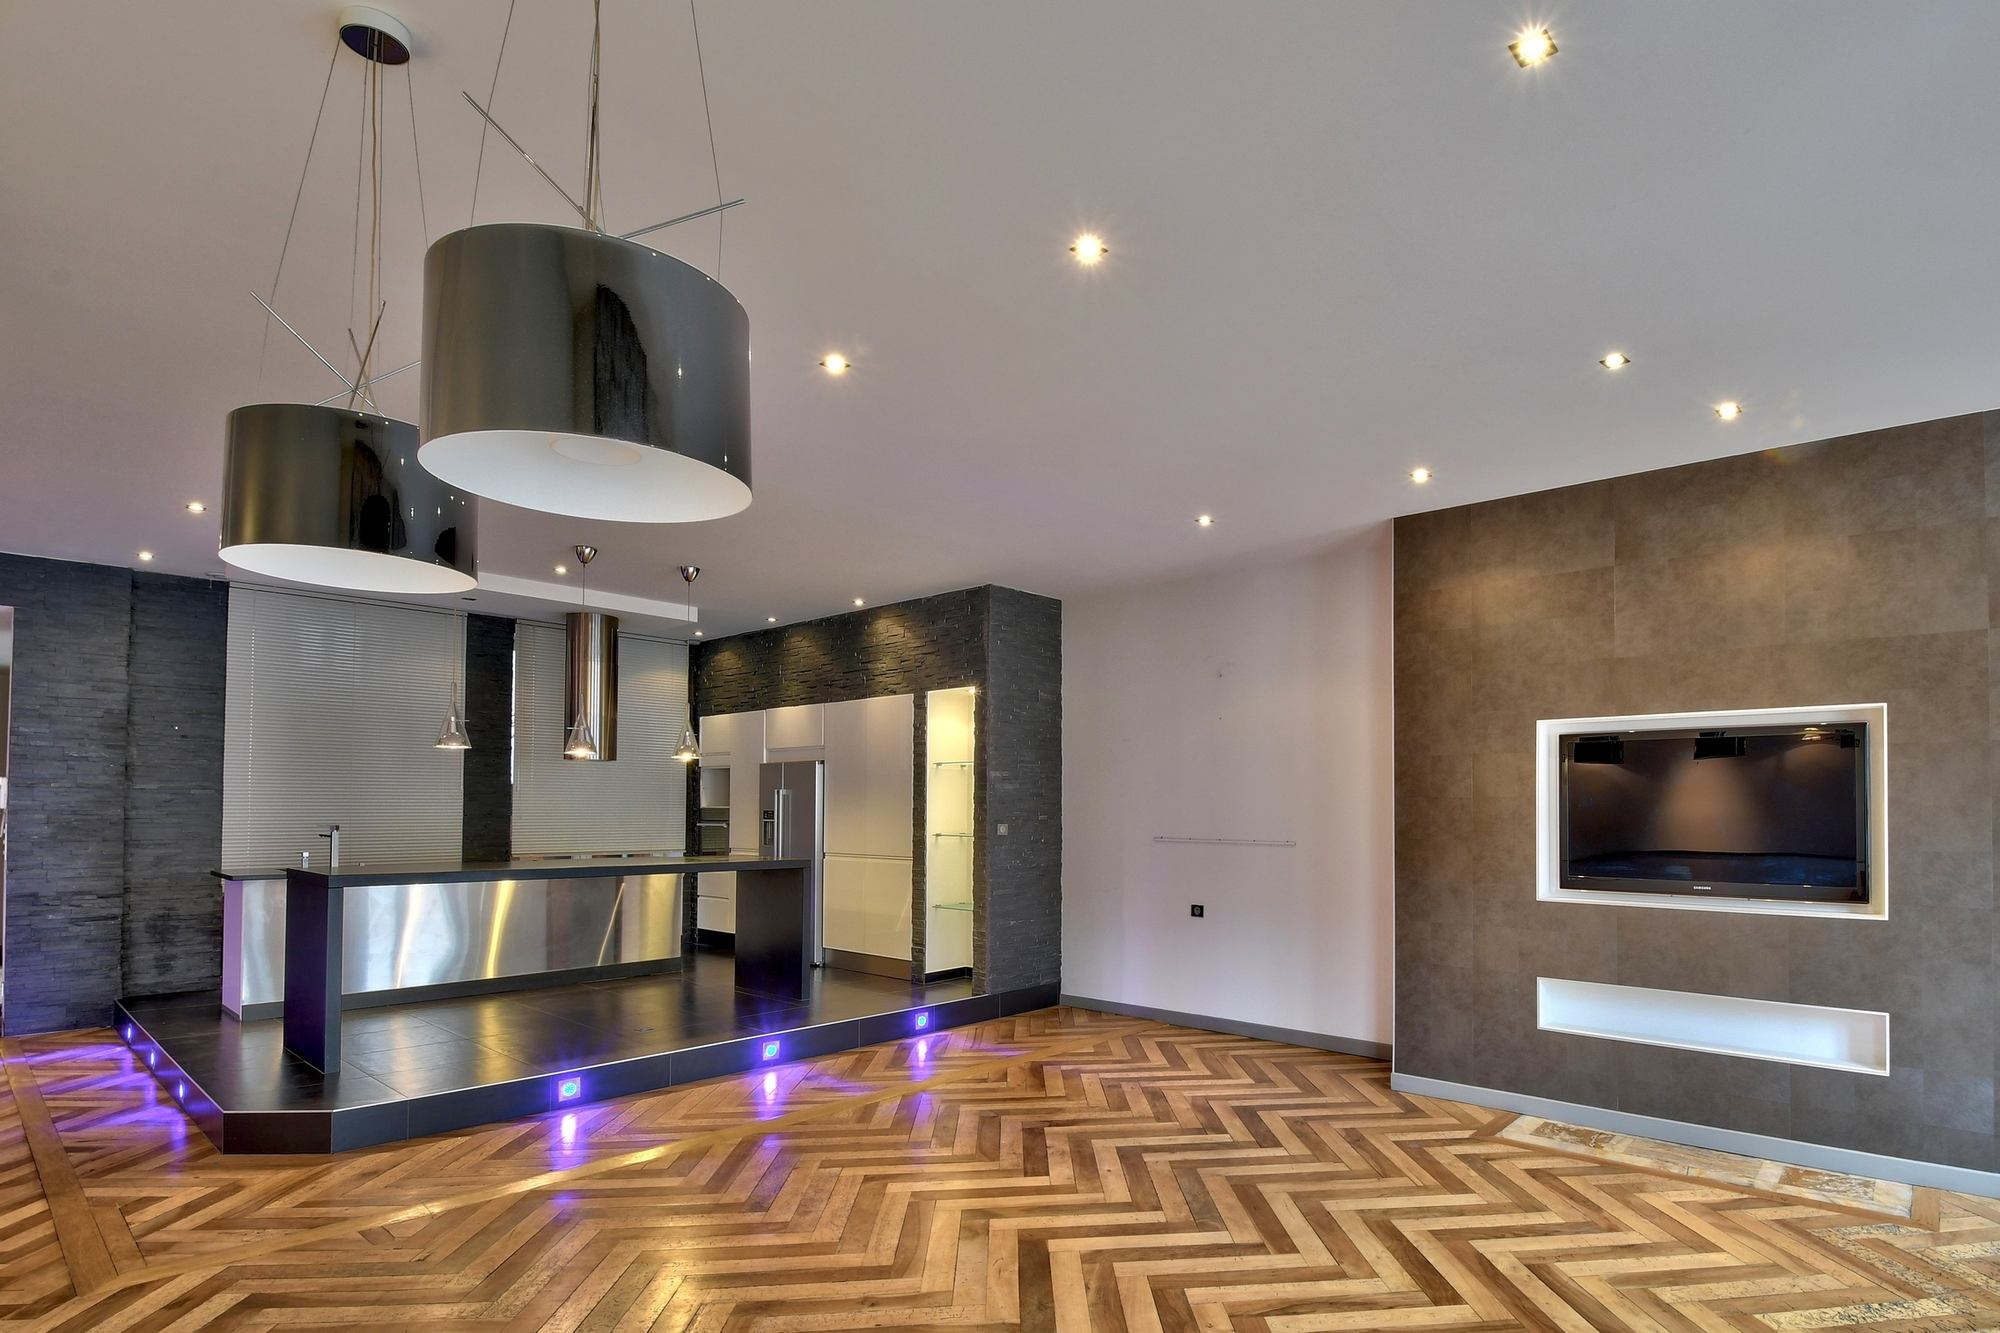 PHOTOS immobilier Appartement cuisine salle à manger villefranche sur Saône 69400 Rue nationale